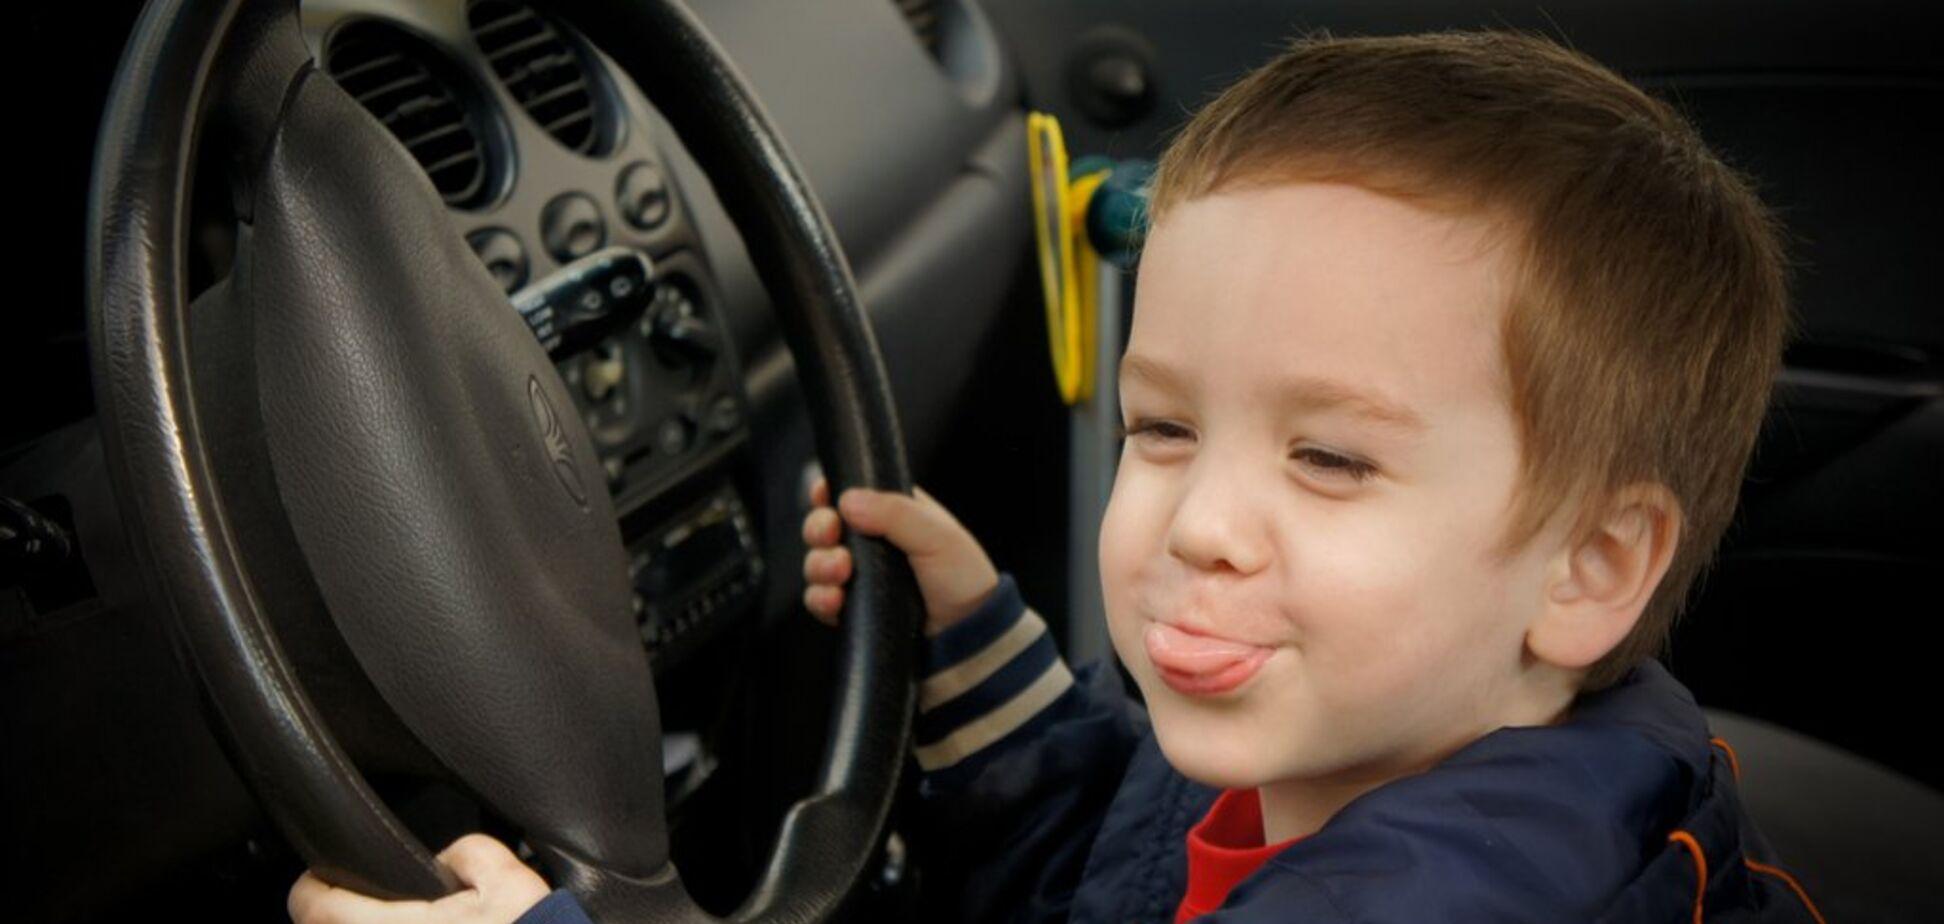 Дев'ятирічний хлопчик викрав машину, щоб поїхати до школи: момент потрапив на відео